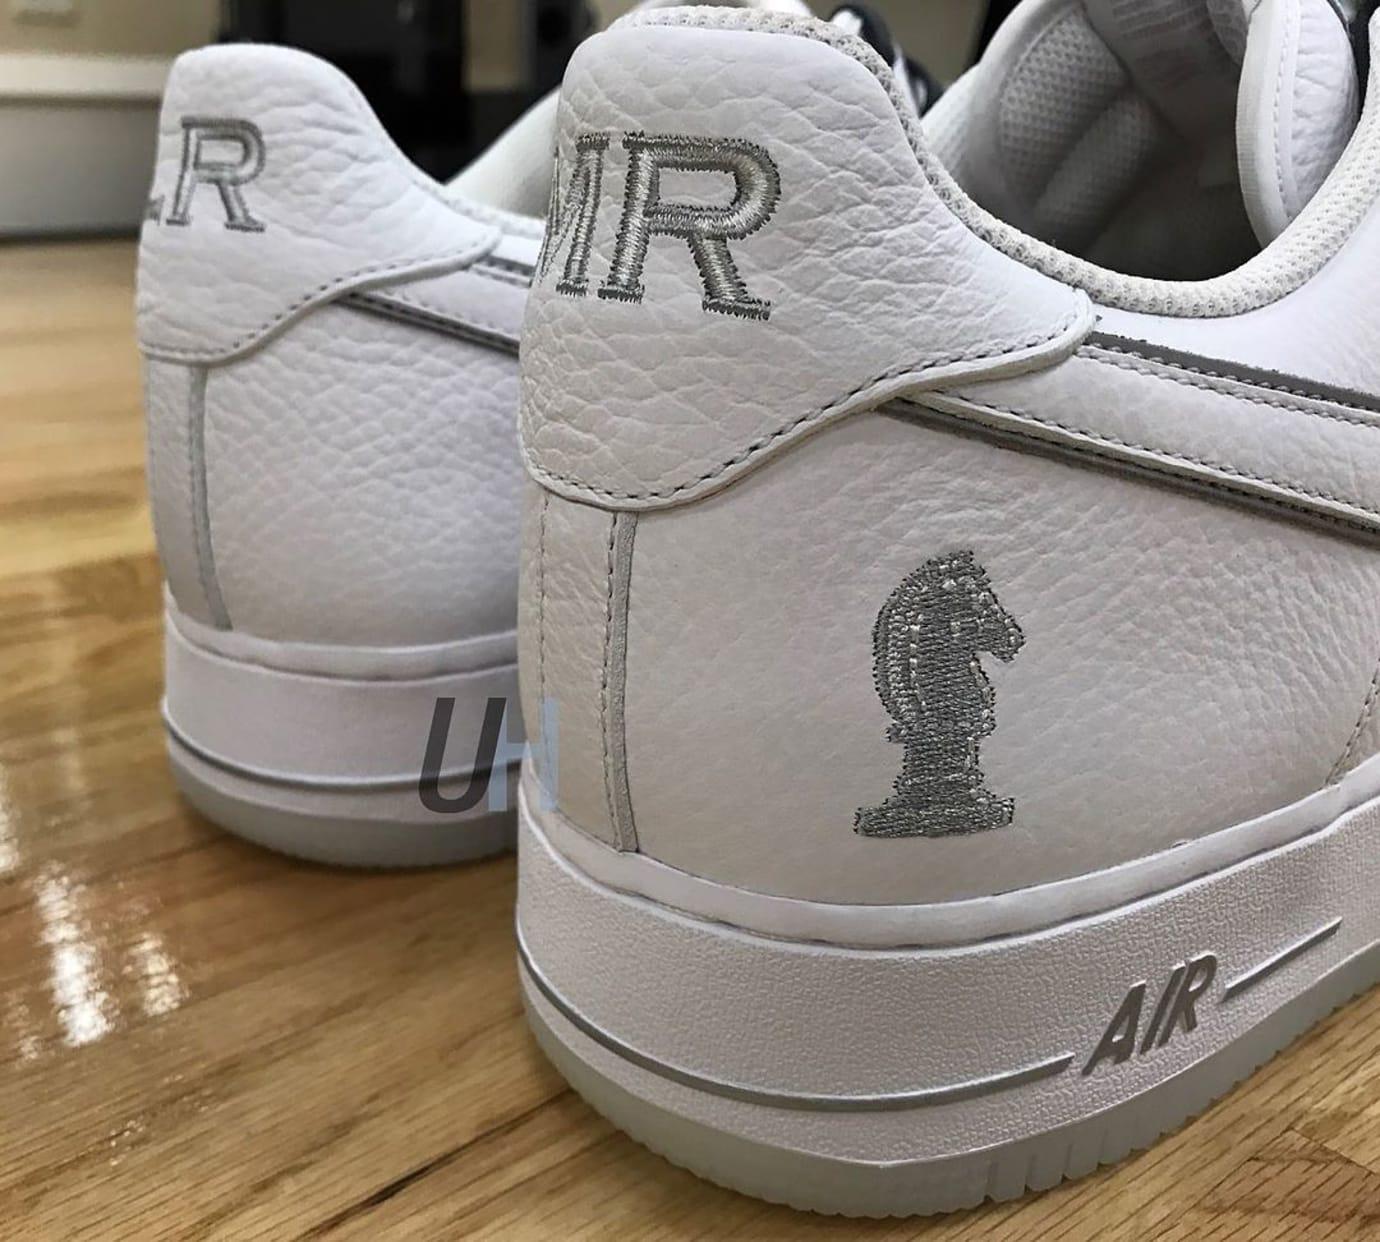 Nike Air Force 1 Low LeBron James 4 Horsemen Right Heel